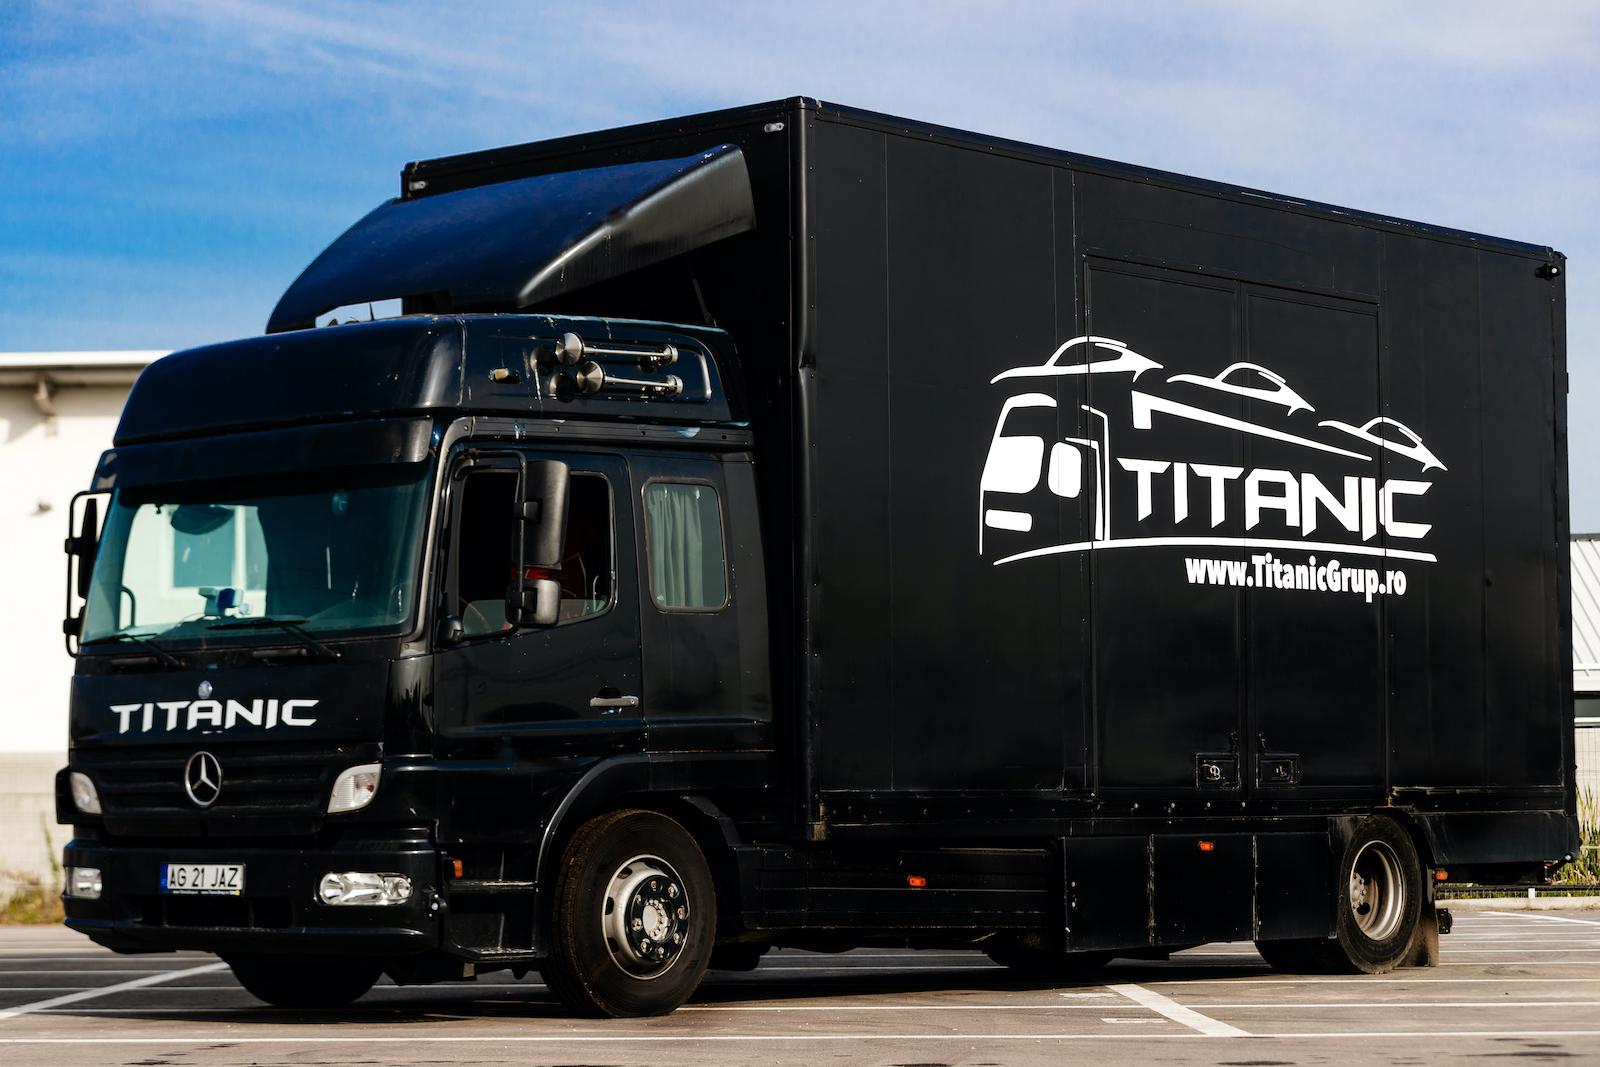 titanic transport inchis